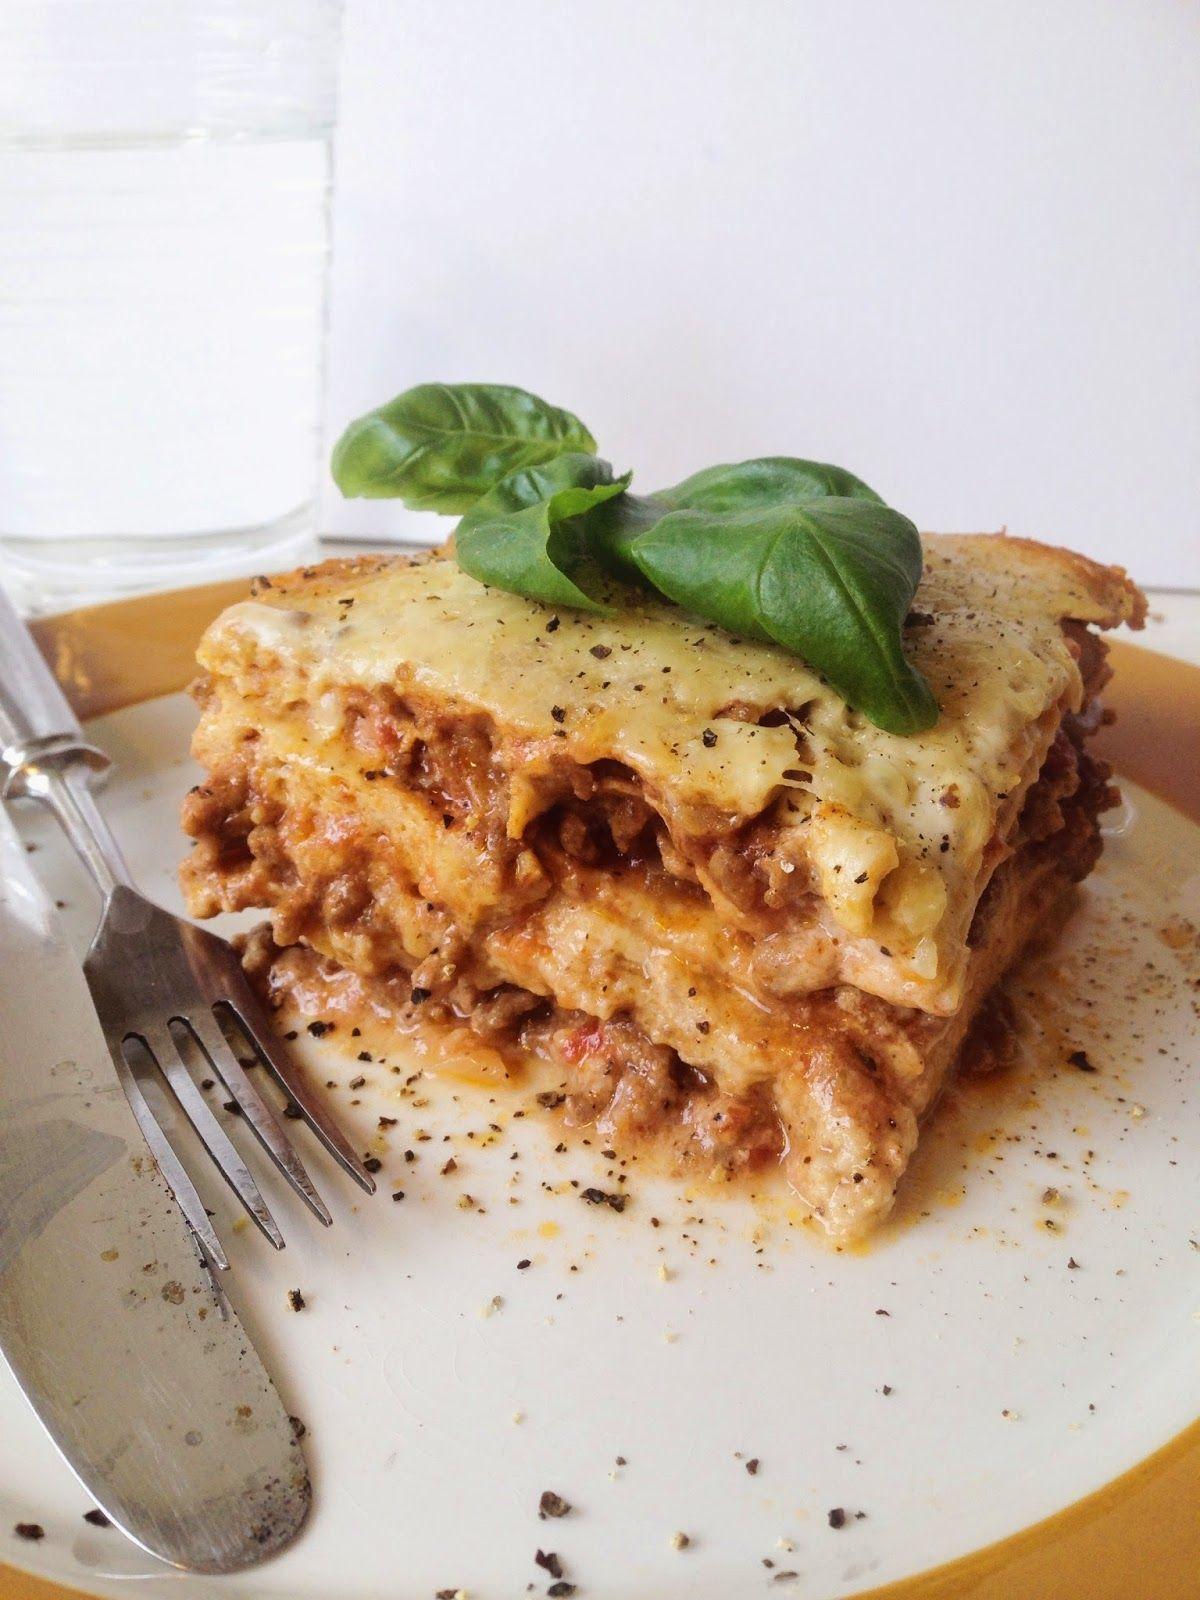 Karppaajan vähähiilihydraattinen lasagne